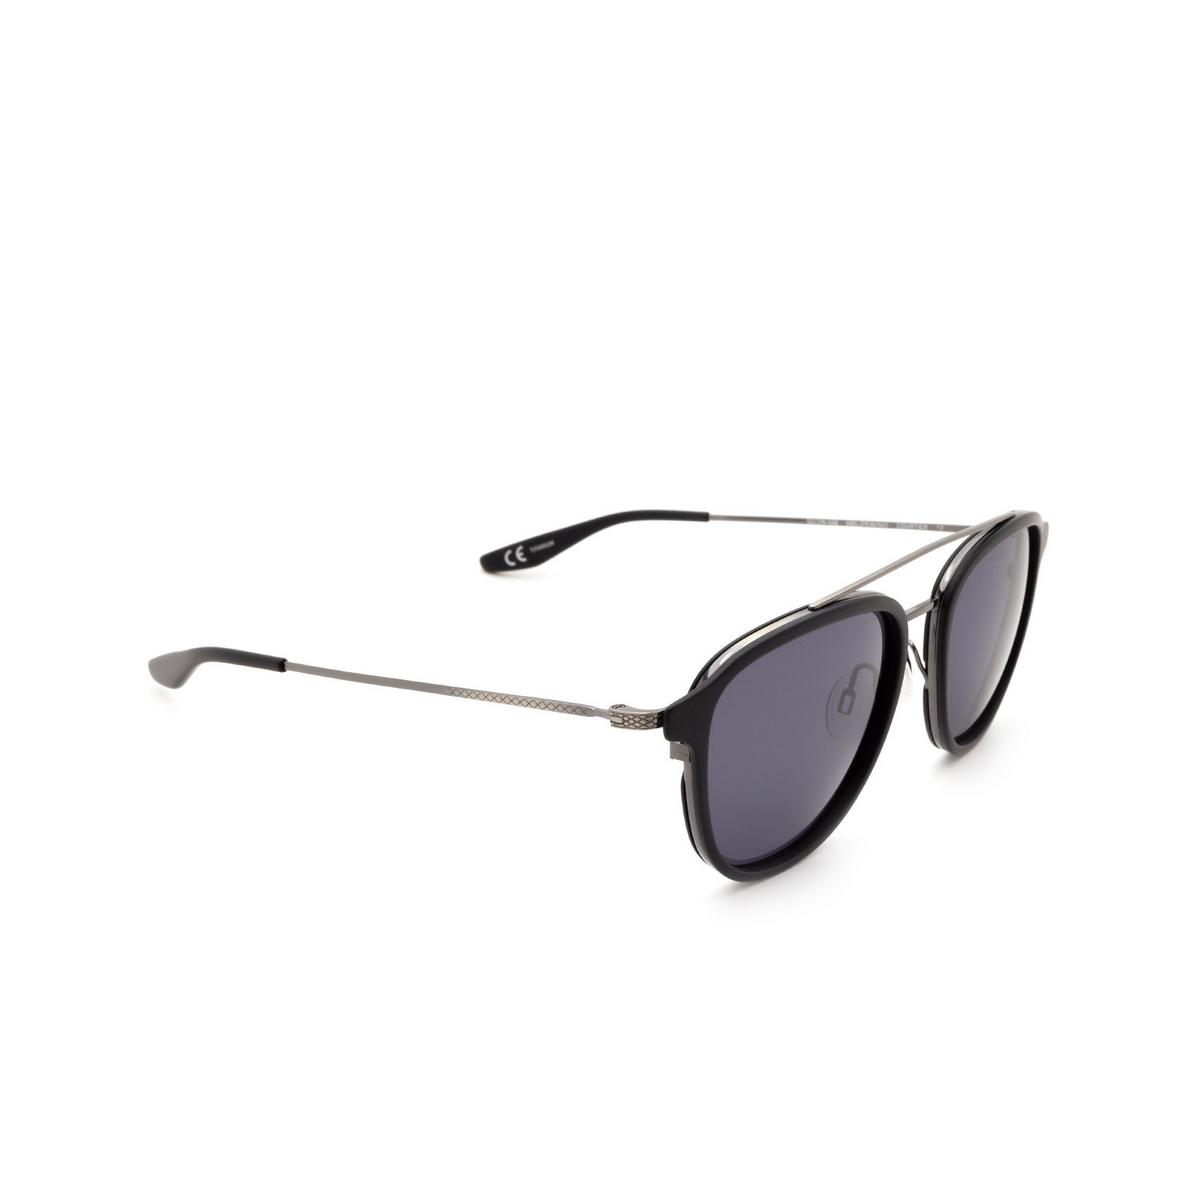 Barton Perreira® Square Sunglasses: Courtier BP0014 color Matte Black 1HM.